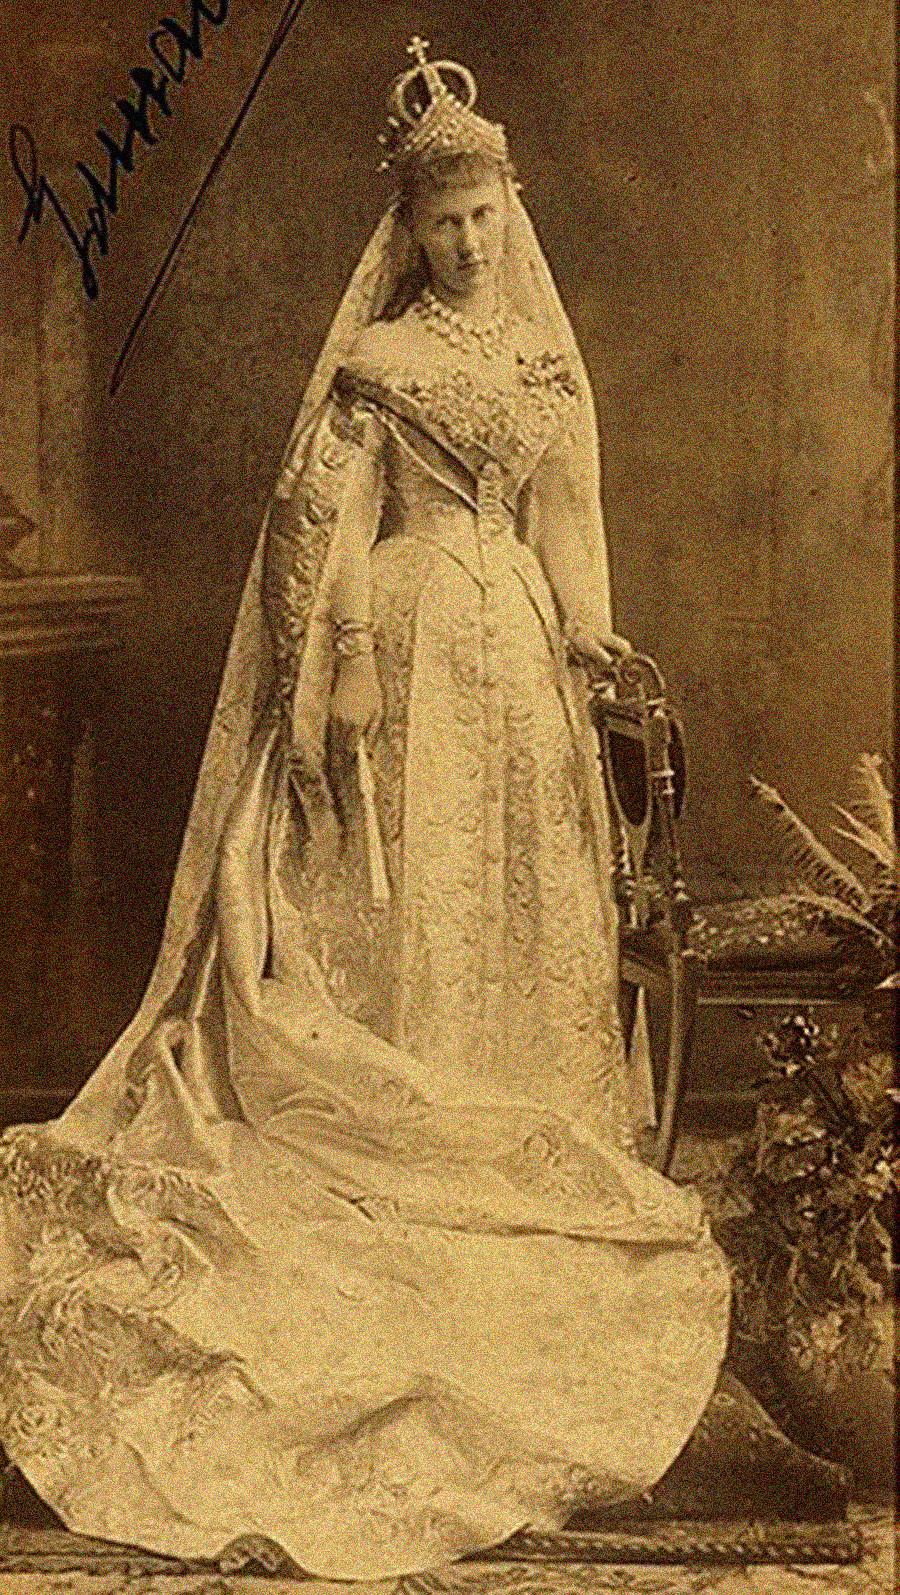 Великата княгиня Елизавета Маврикиевна в сватбена рокля, руска сватбена корона и руска сватбена диадема. 27 април 1884 г.